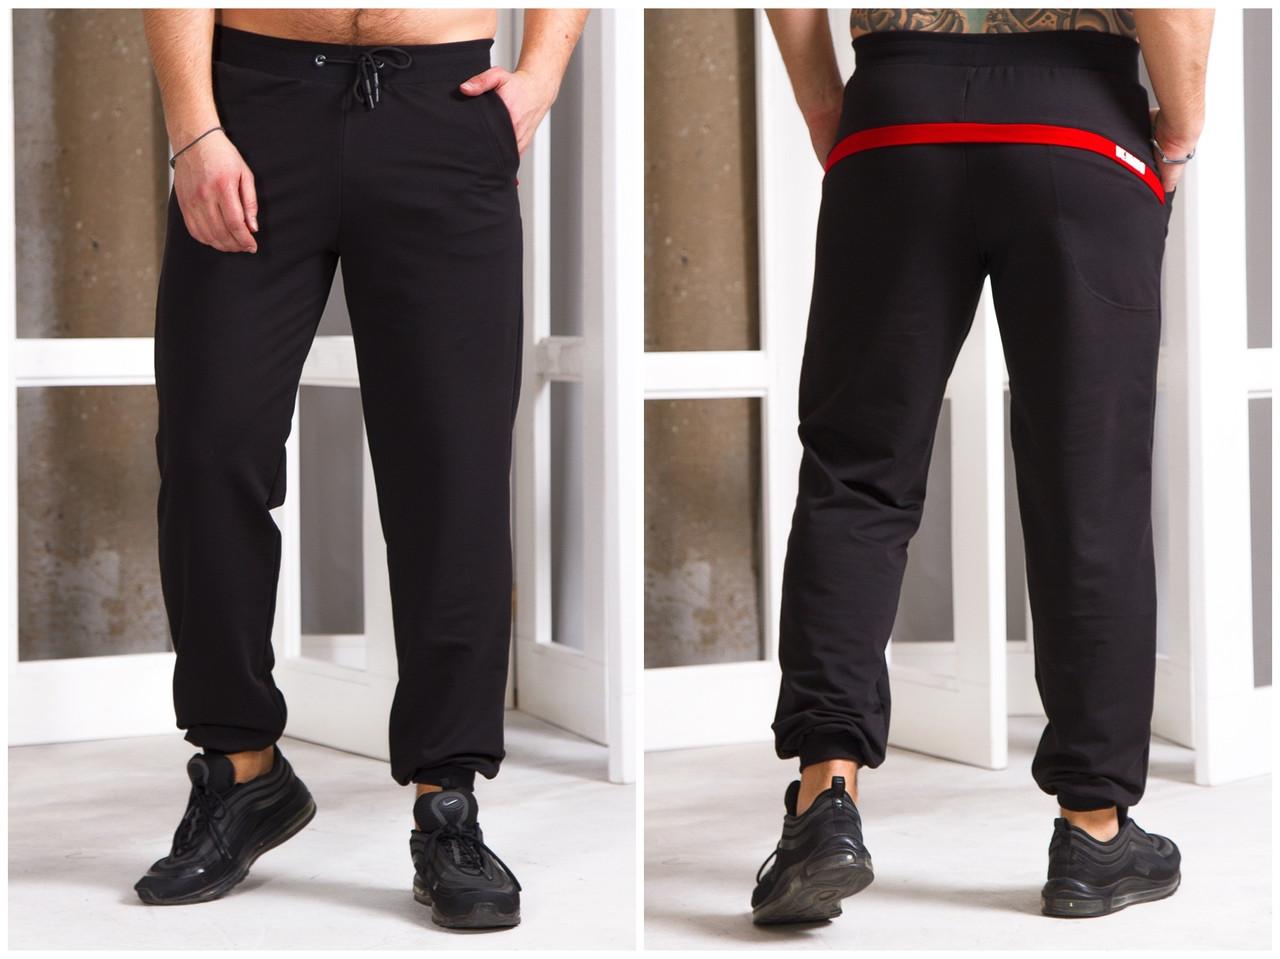 Мужские штаны декорированы цветной полоской